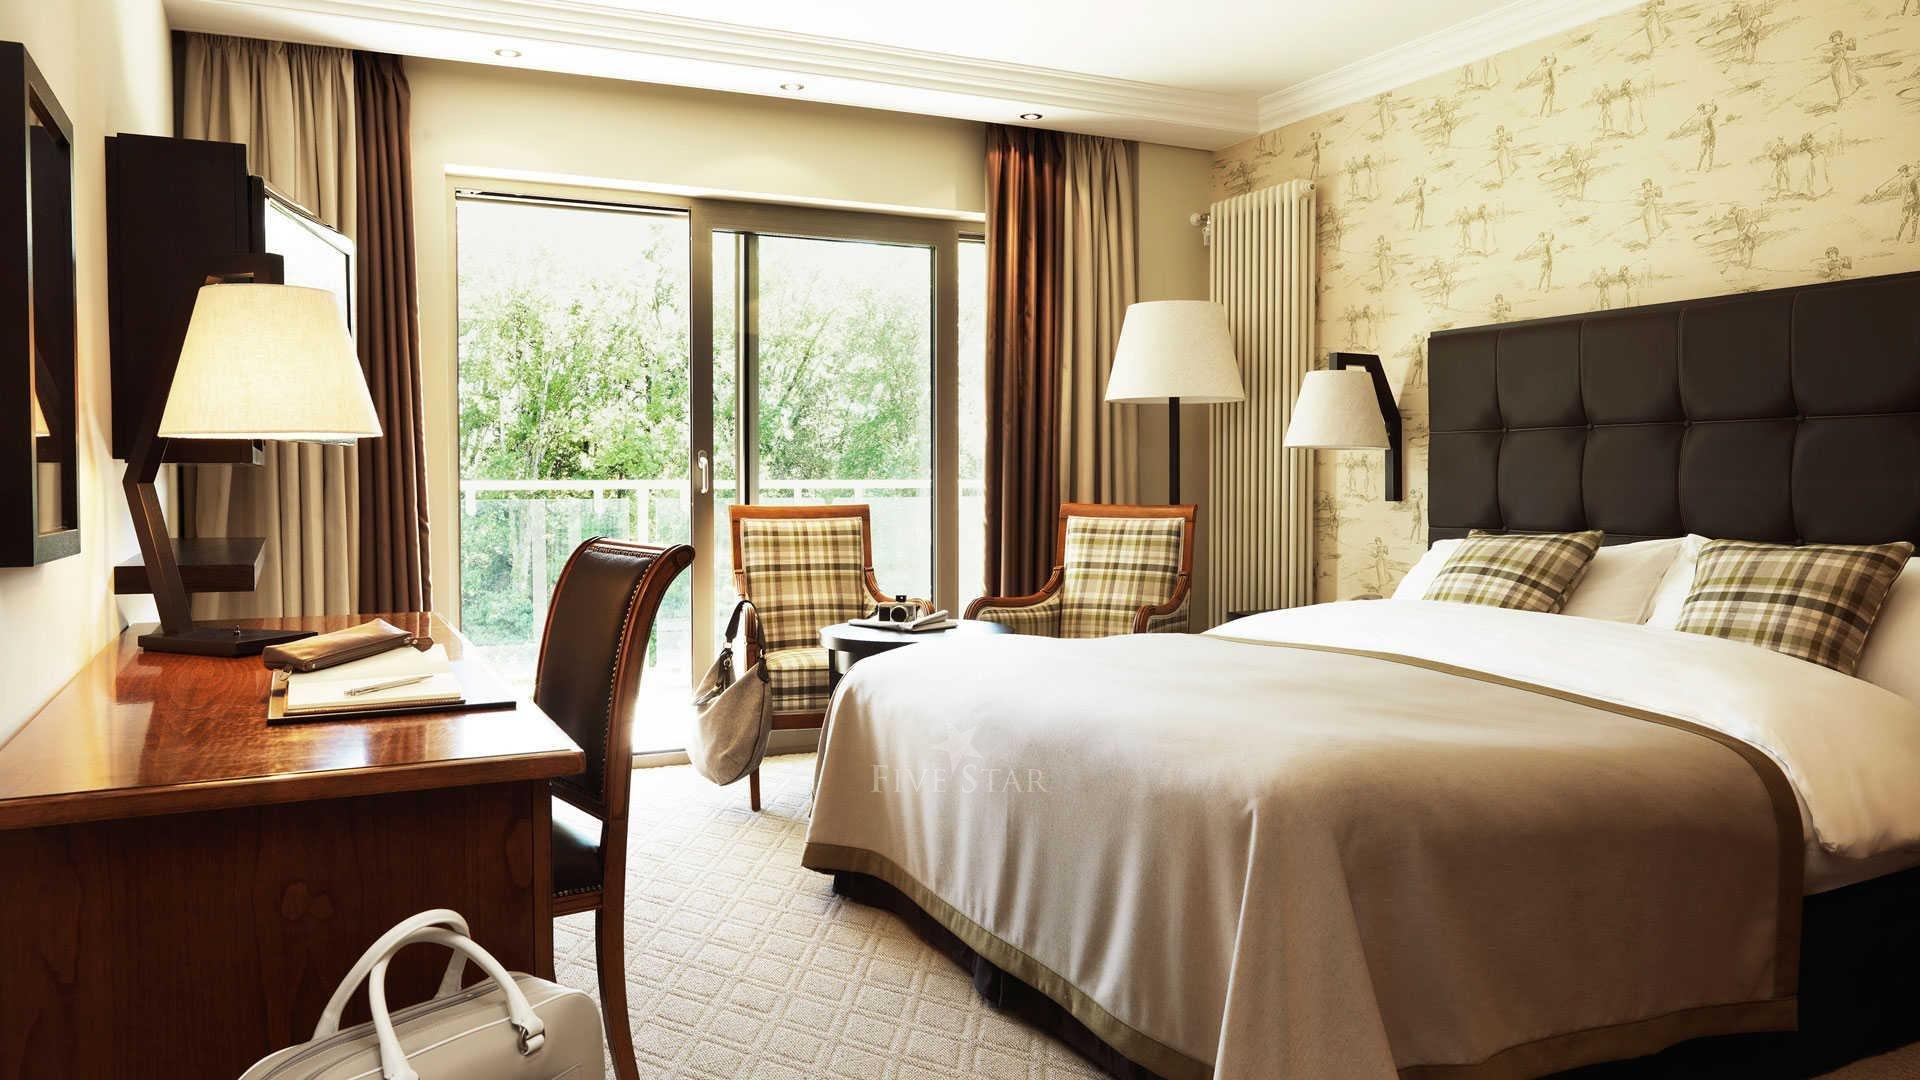 The Europe Hotel & Resort photo 23